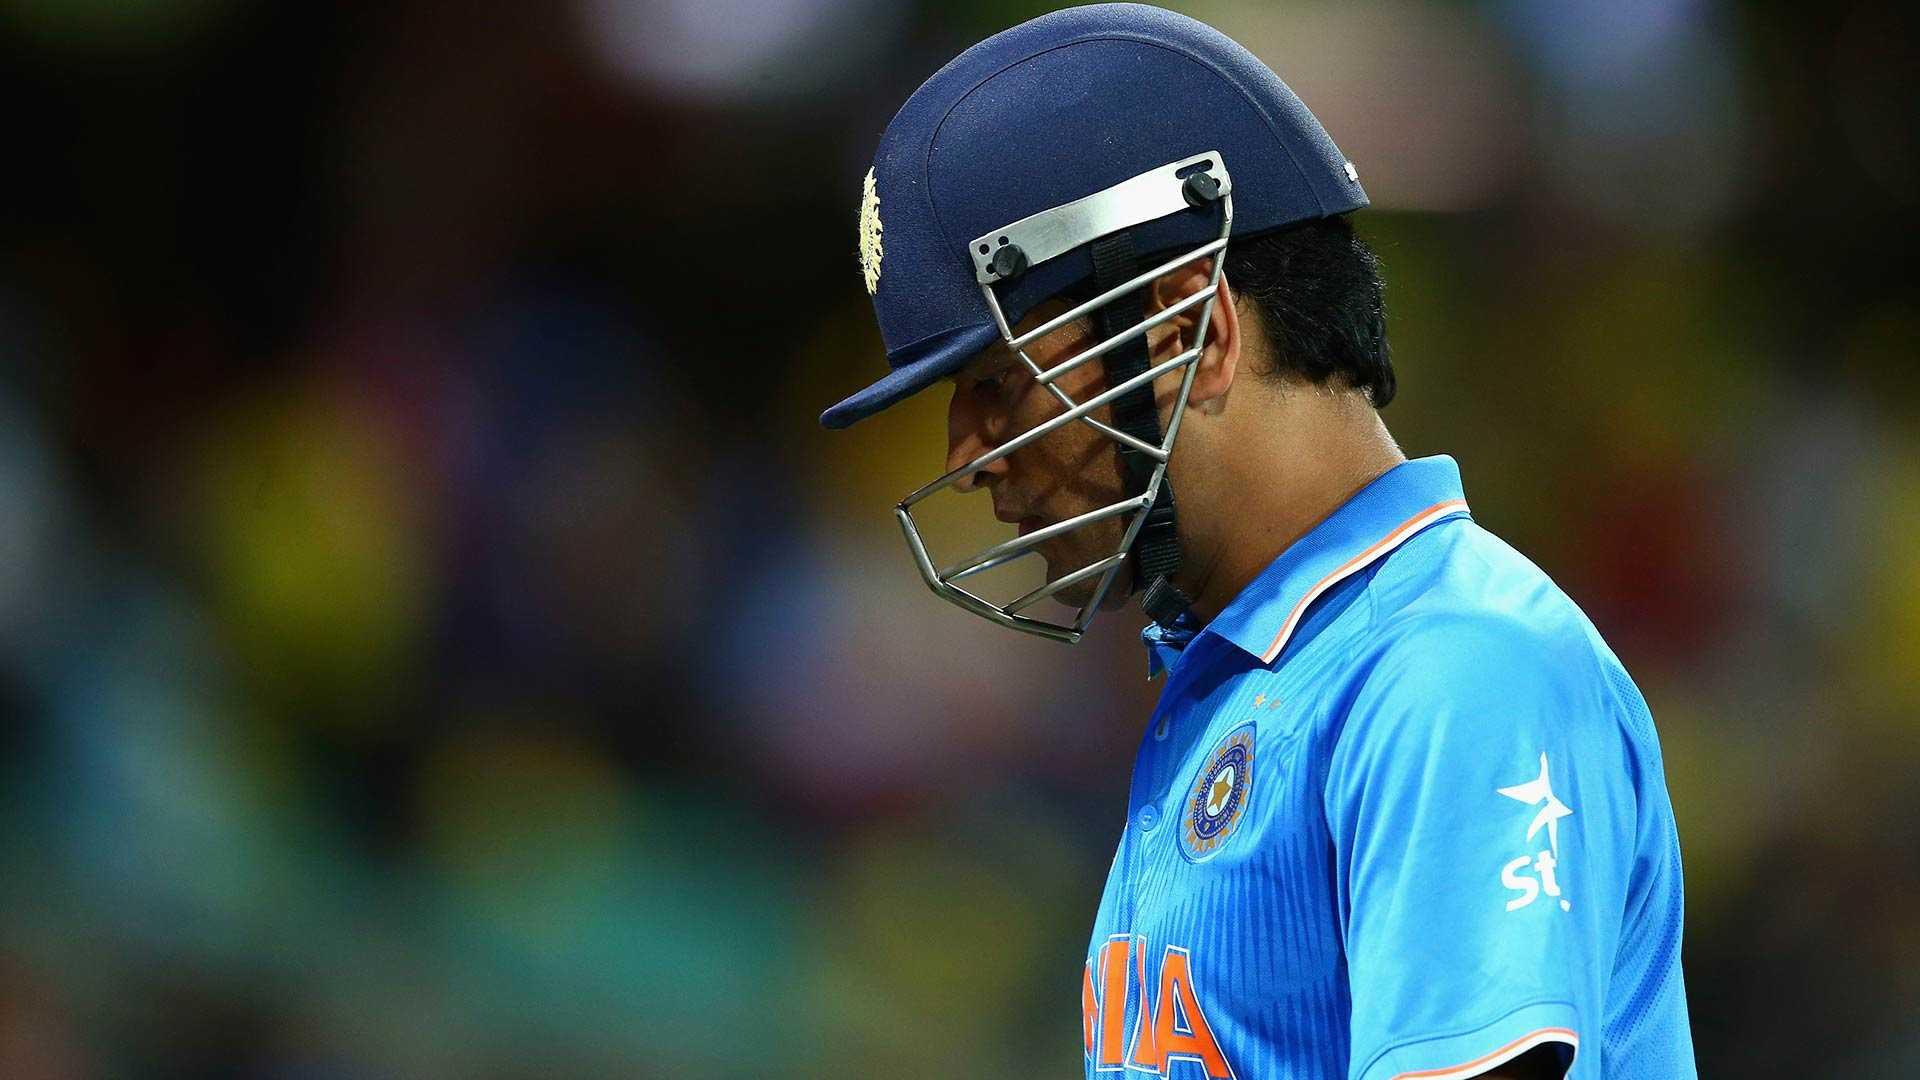 INDvsWI: चोट के कारण आखिरी मैच से महेंद्र सिंह धोनी हो सकते है बाहर 17